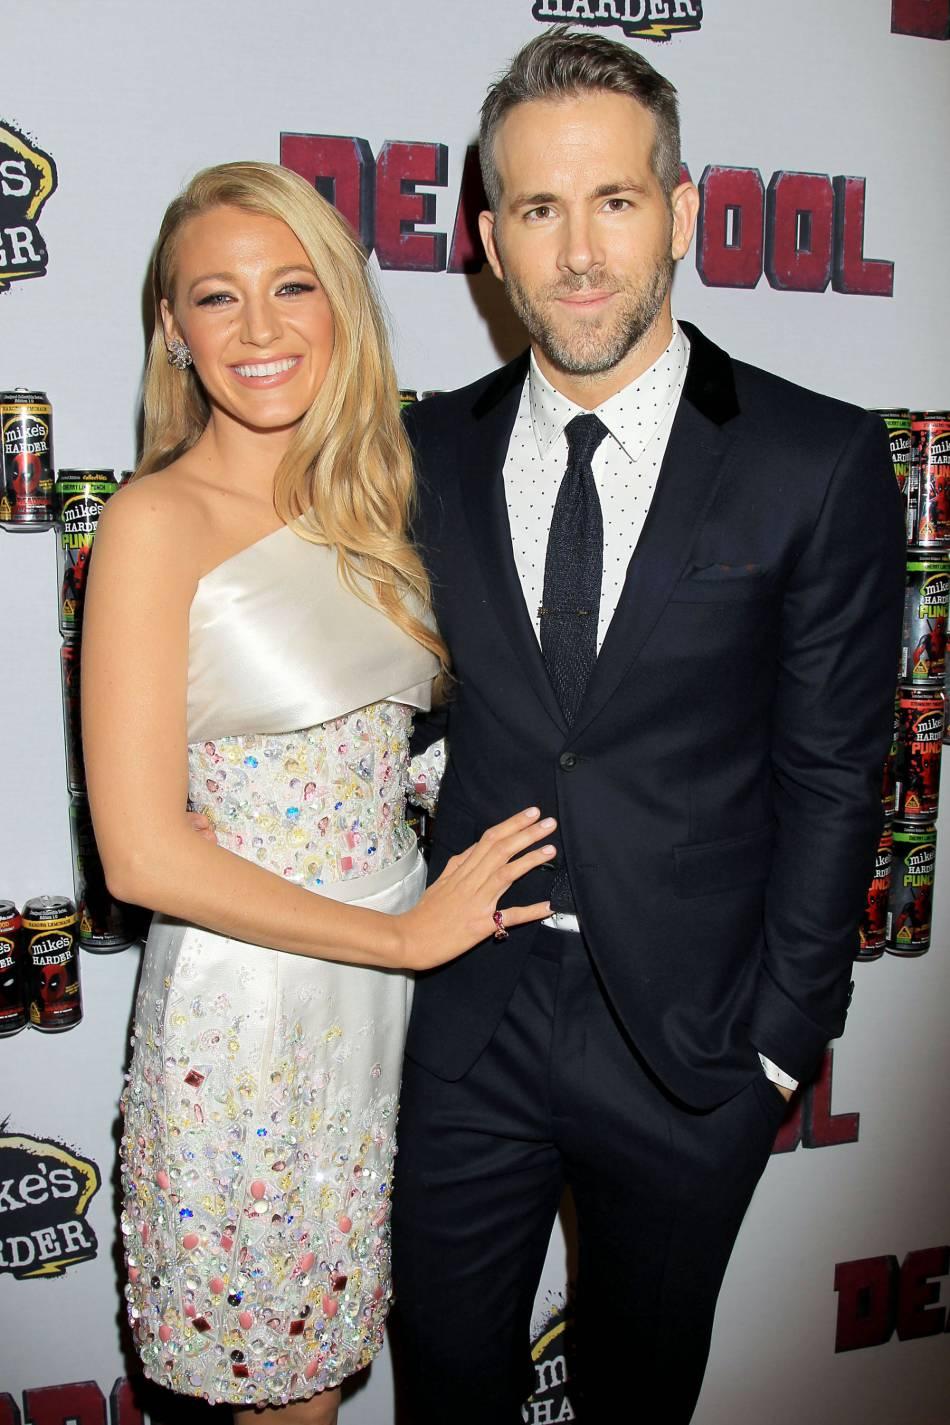 """Blake Lively et Ryan Reynolds, couple glamour sur le tapis rouge à l'occasion de la sortie prochaine de """"Deadpool""""."""